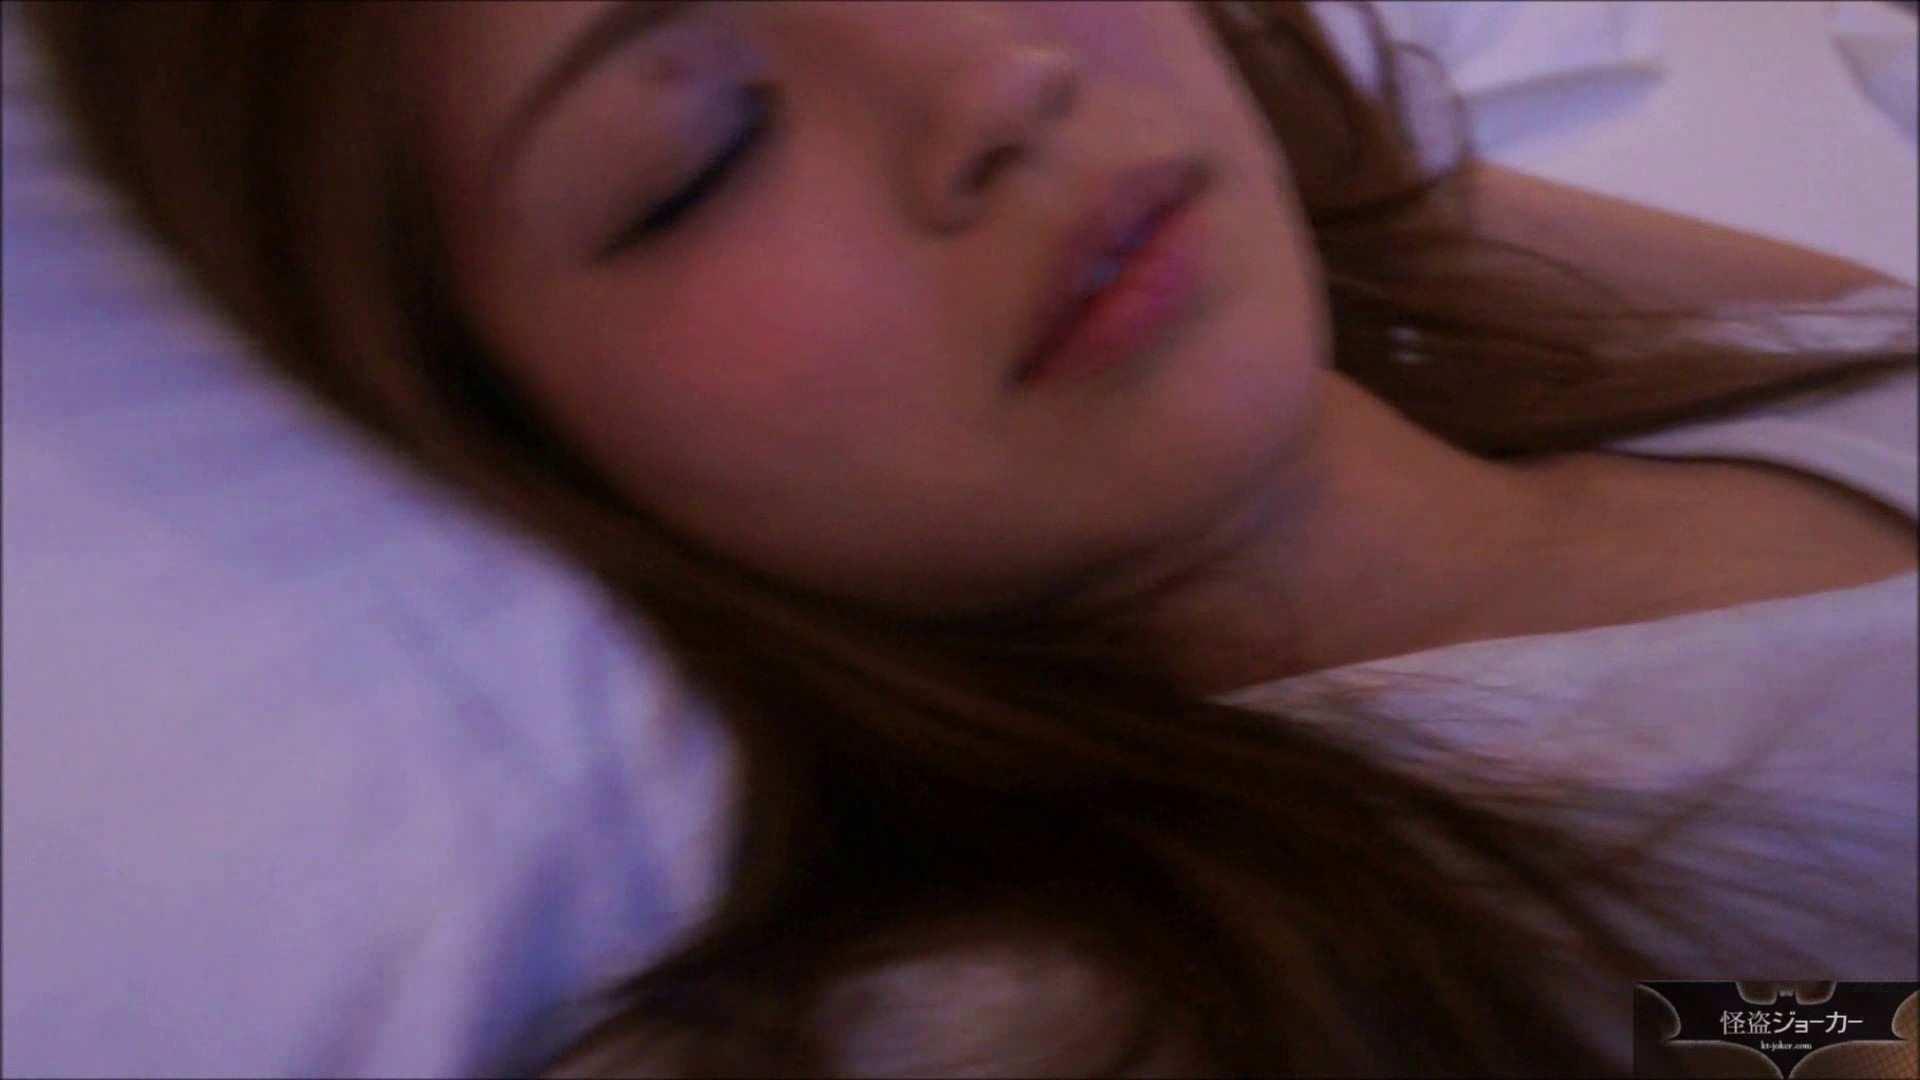 【未公開】vol.8 セレブ美魔女・ユキさんとの密会後・・・ OLハメ撮り  43Pix 23